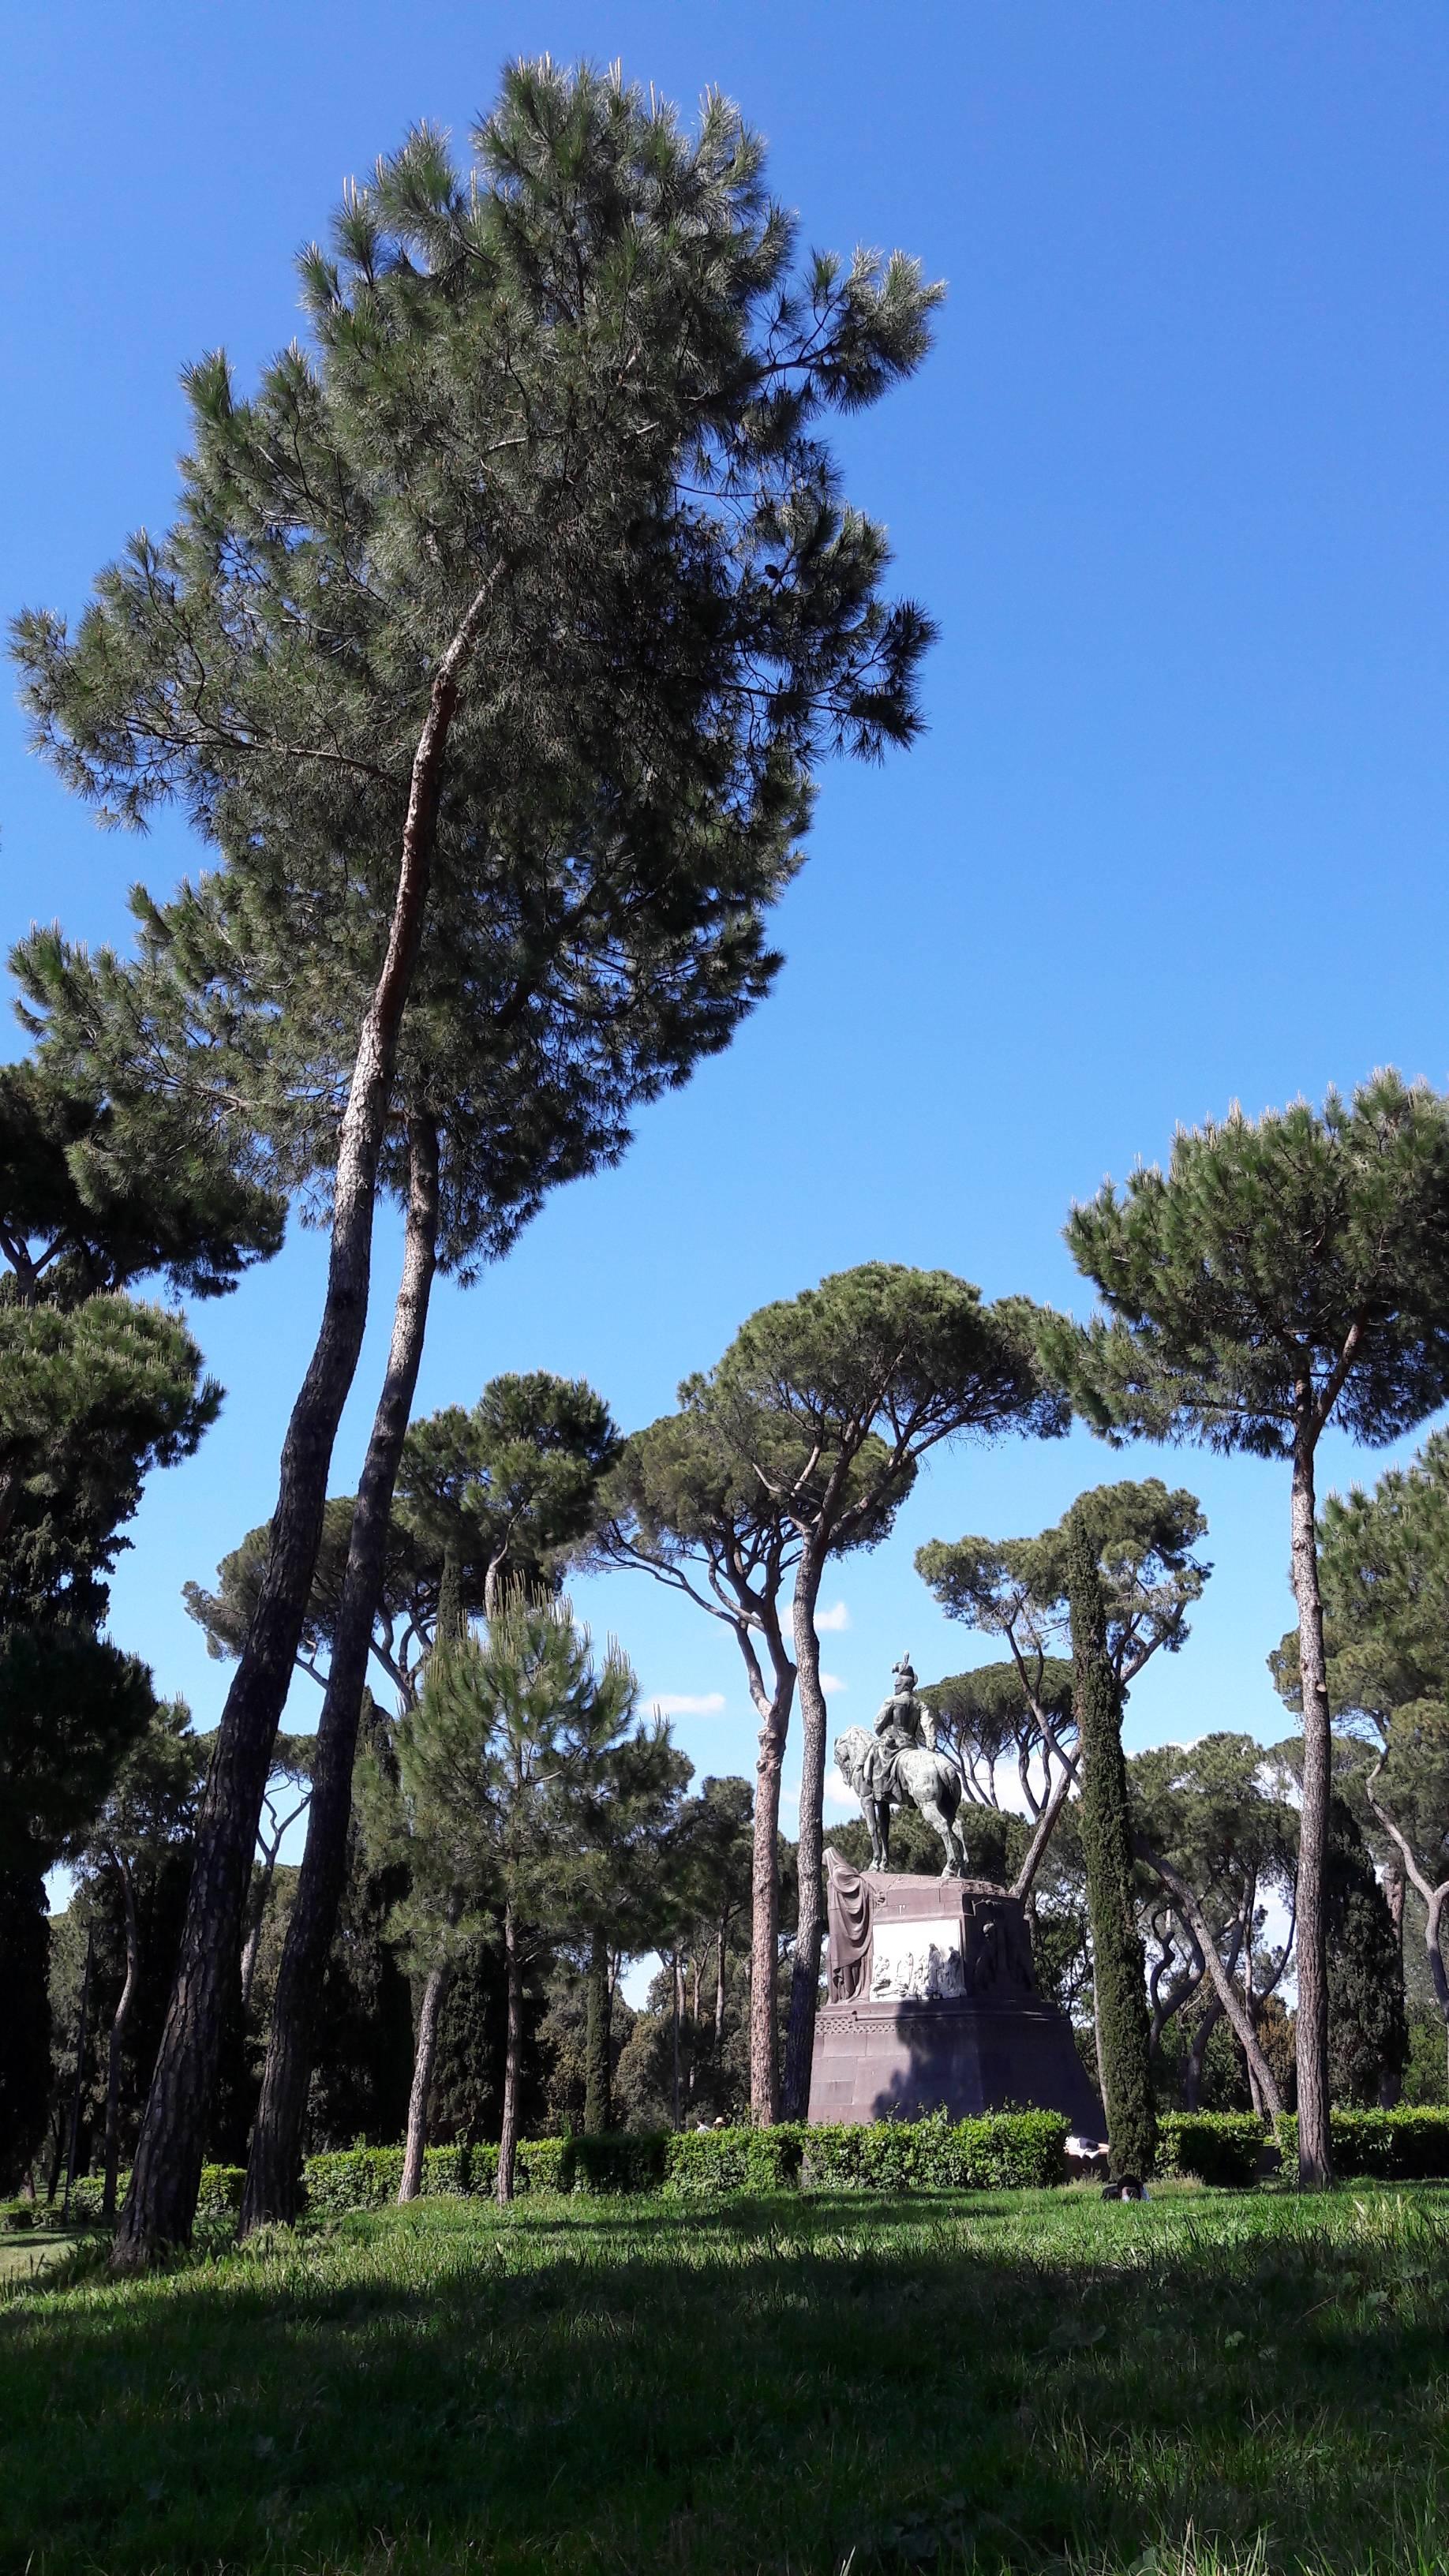 Photo 2: Le central park de Rome !